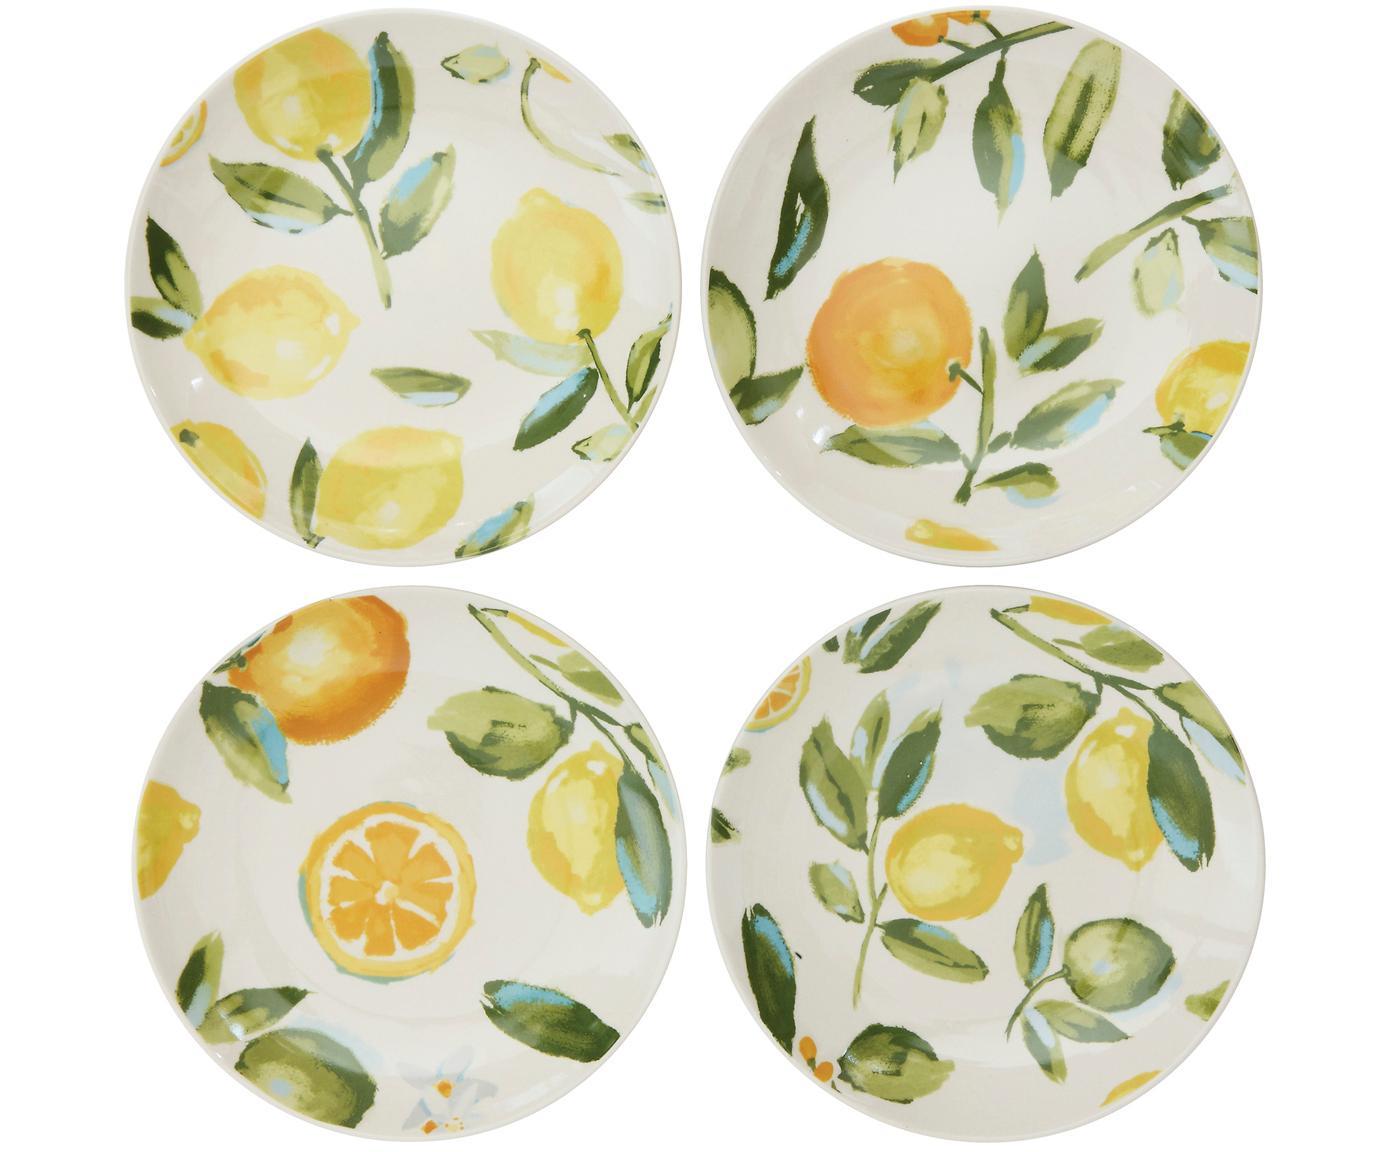 Set de platos de postre artesanales Gatherings, 4pzas., Gres, Blanco, verde, amarillo, Ø 21 x Al 3 cm